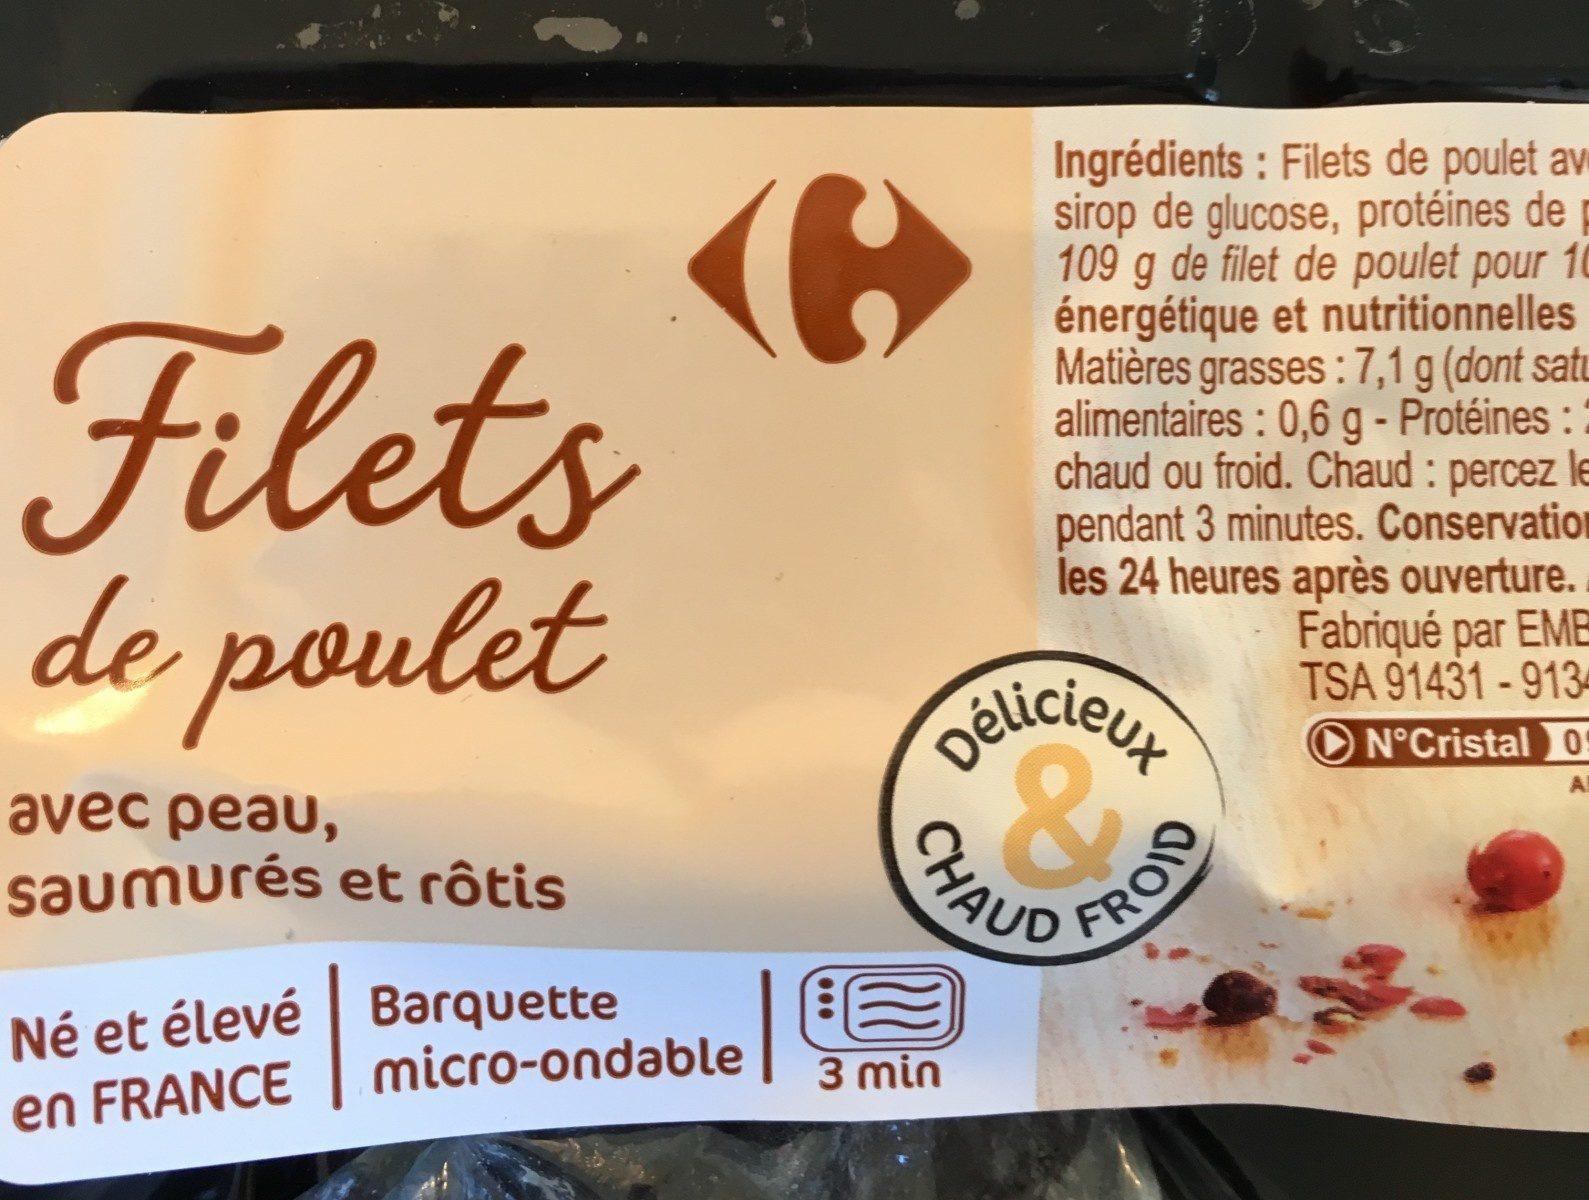 Filets de poulet - Prodotto - fr